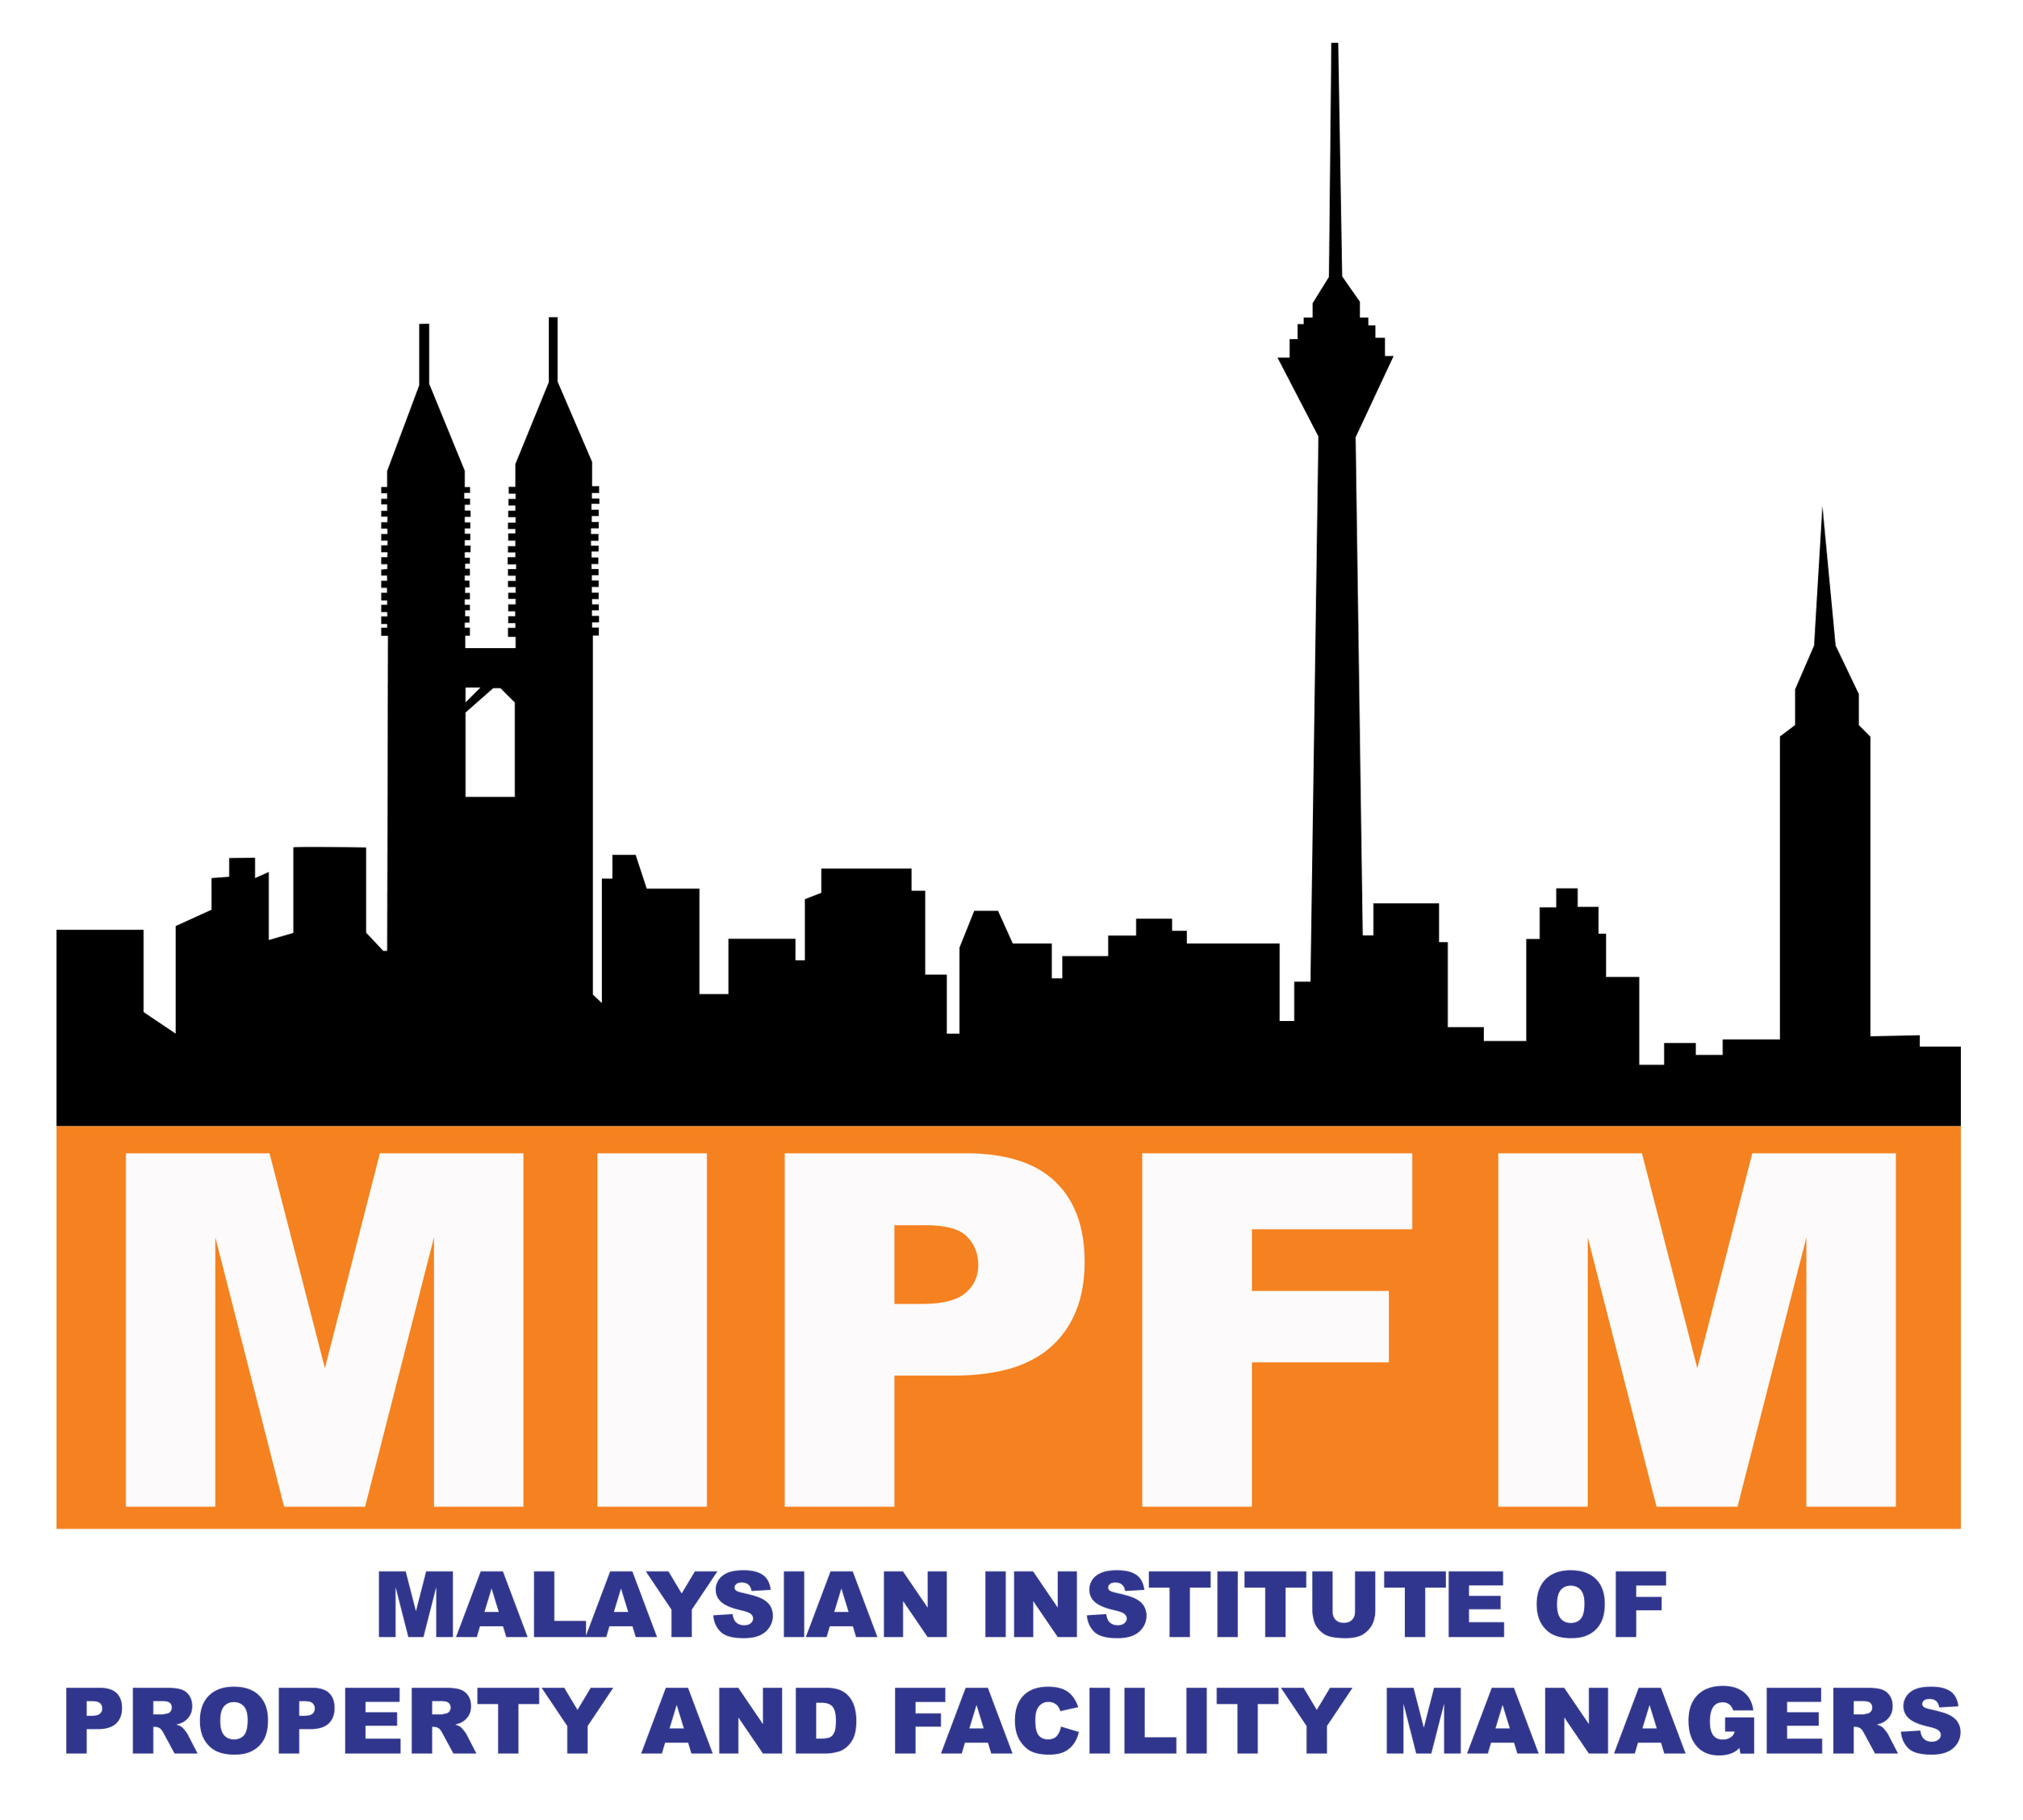 MIPFM